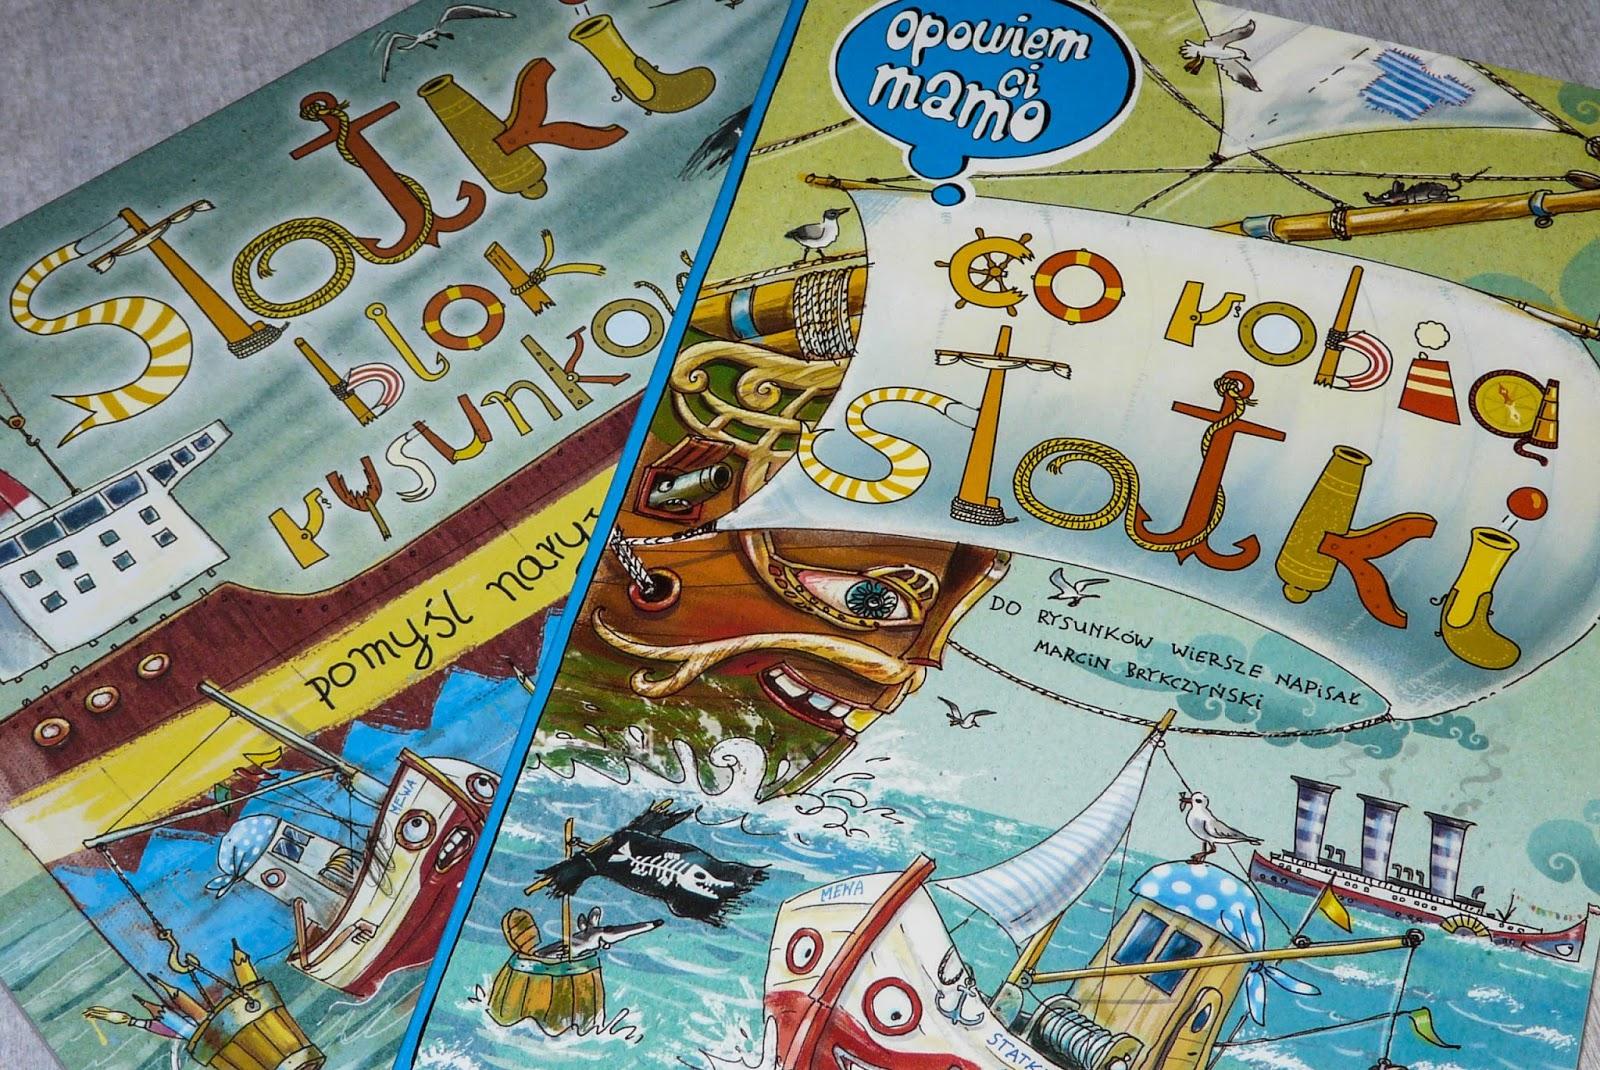 książki dla dzieci, co czytać dwulatkowi, książki do wyszukiwania, opowiem ci mamo, blog, inspiracje